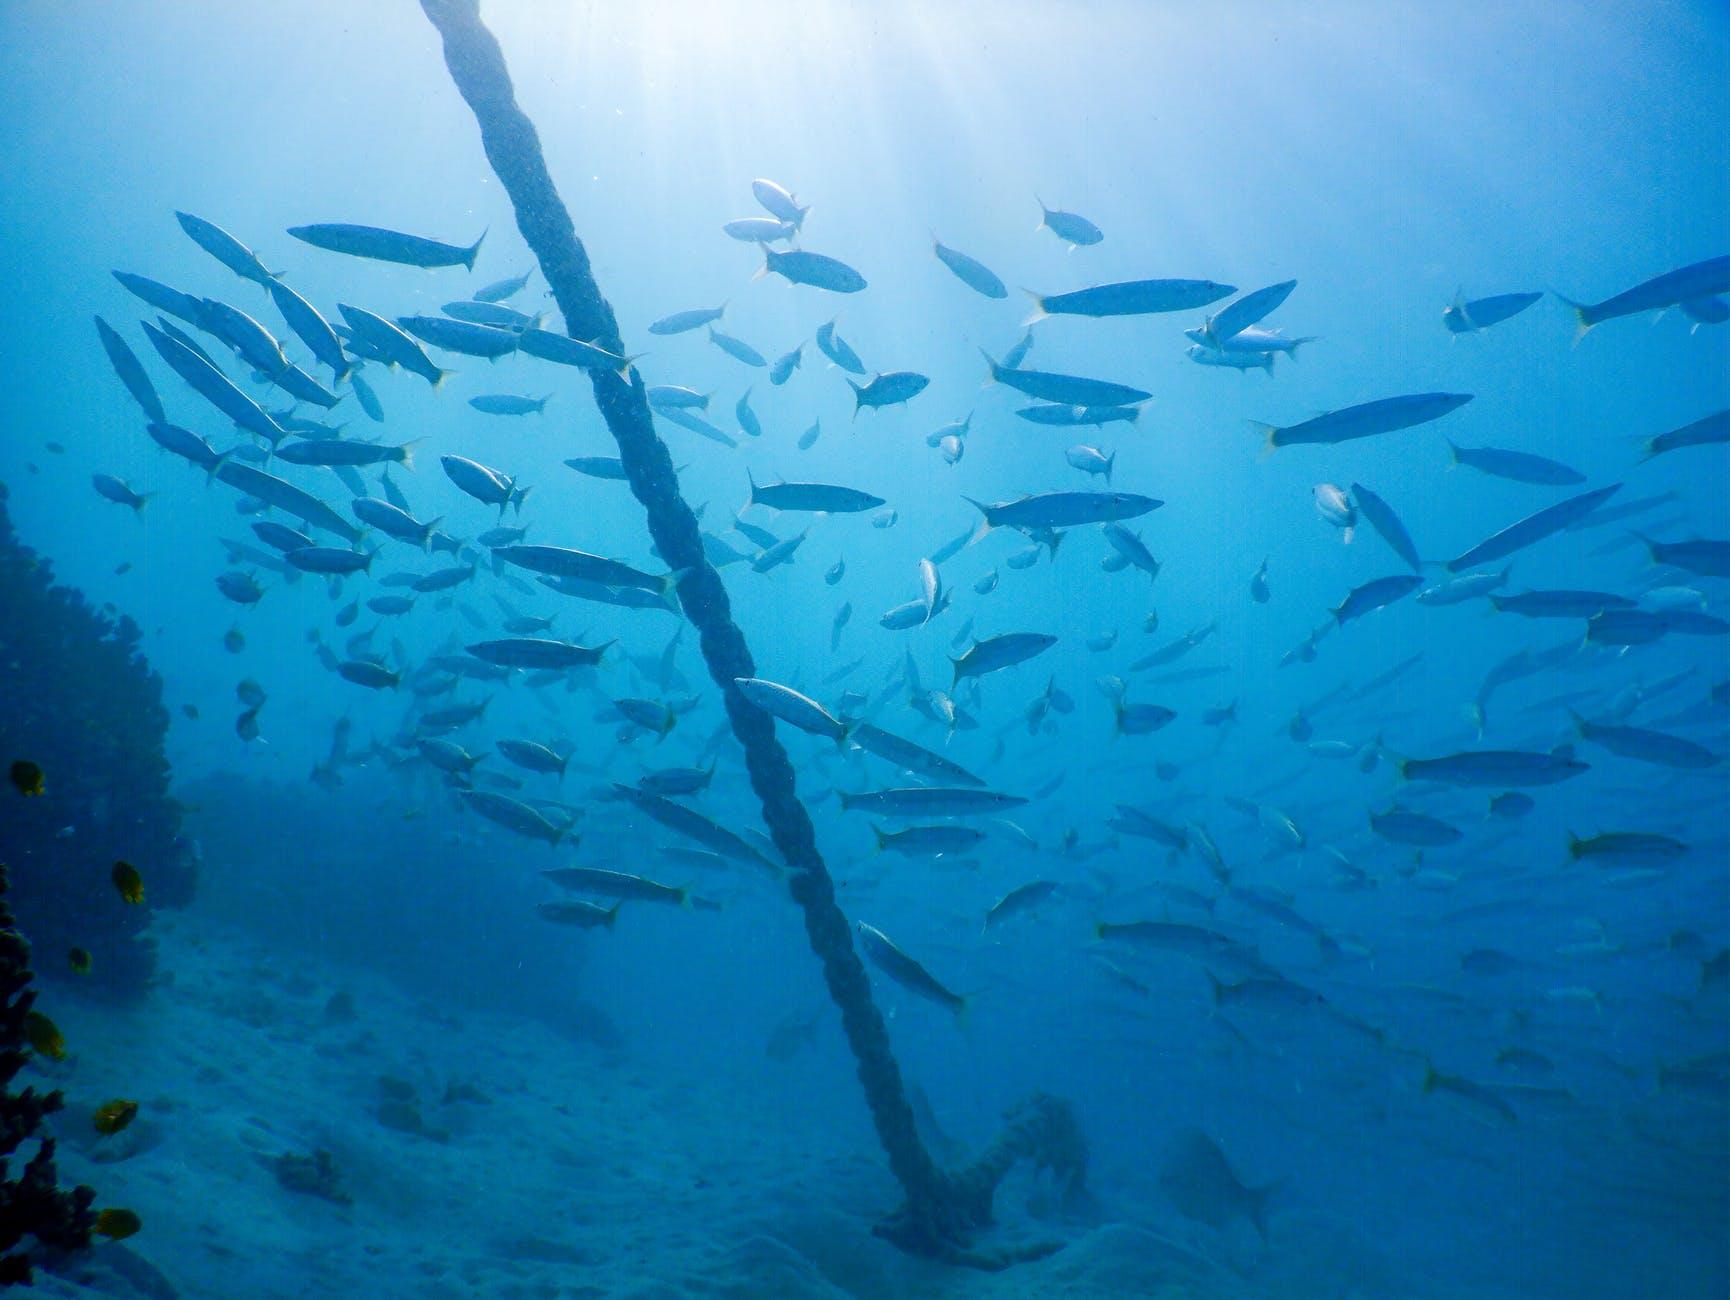 Ankerkette unter Wasser